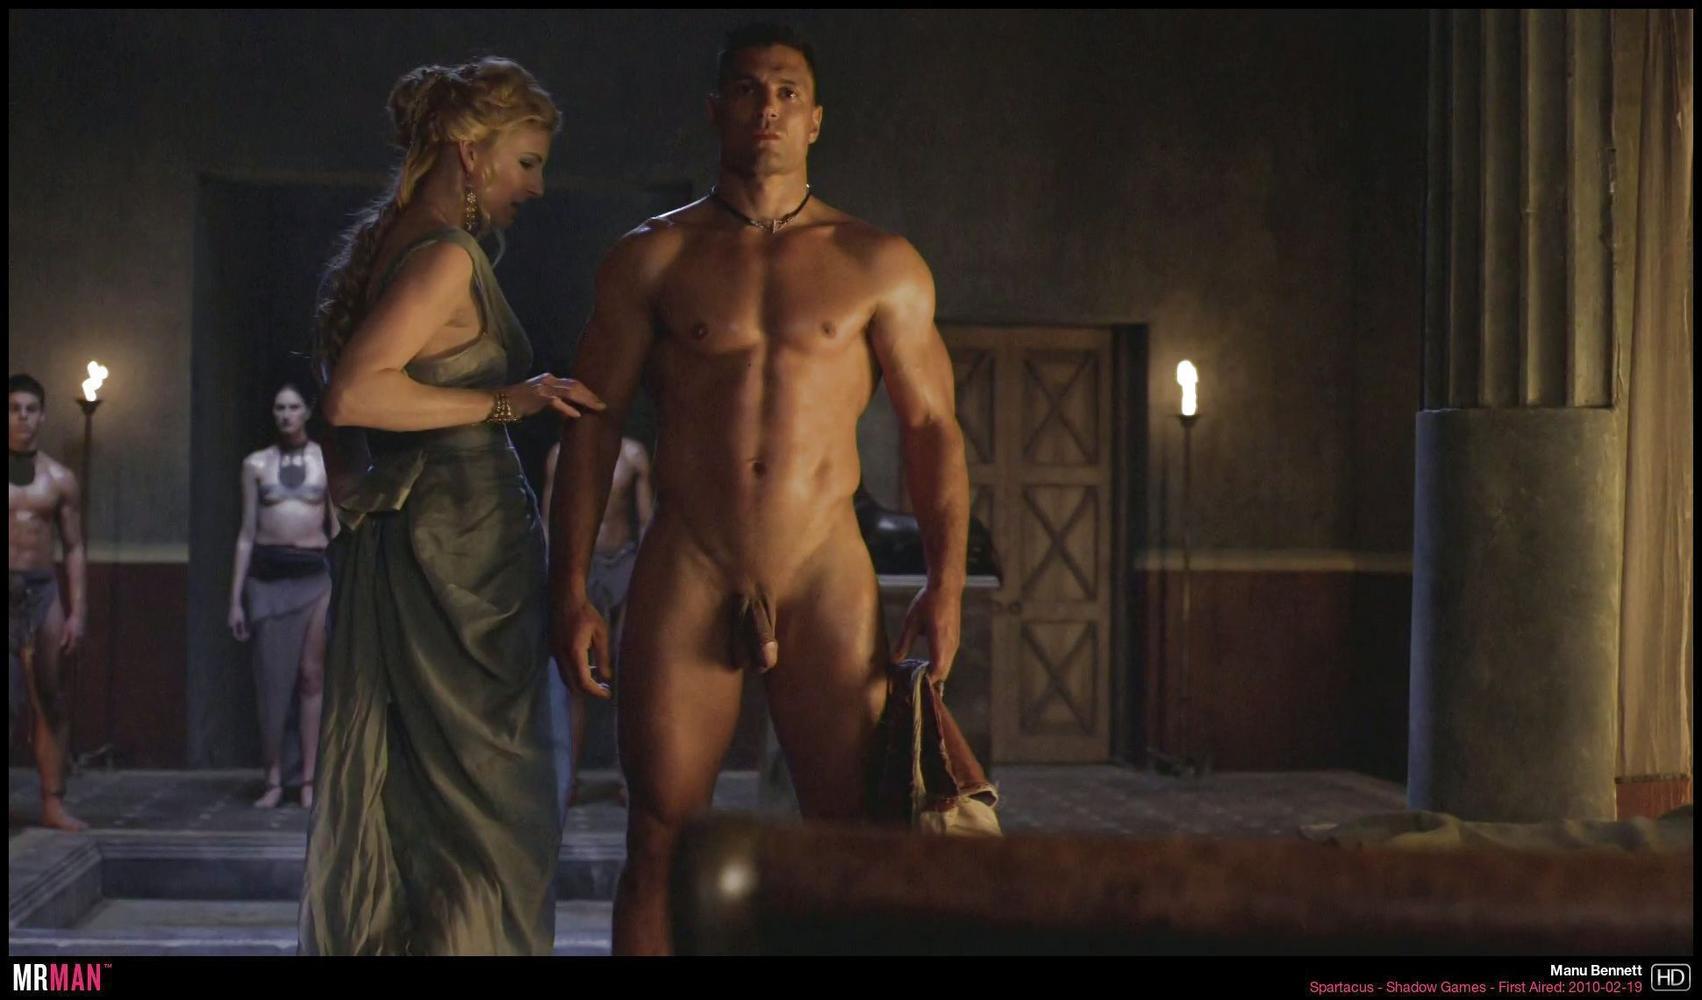 минуту откровения голые парни в художественном кино данном жанре